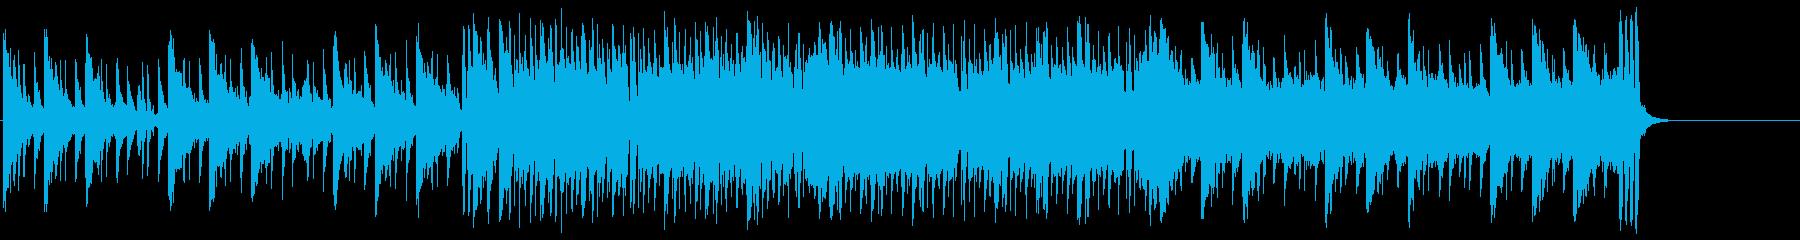 ドラマ風オープニングテーマのポップの再生済みの波形